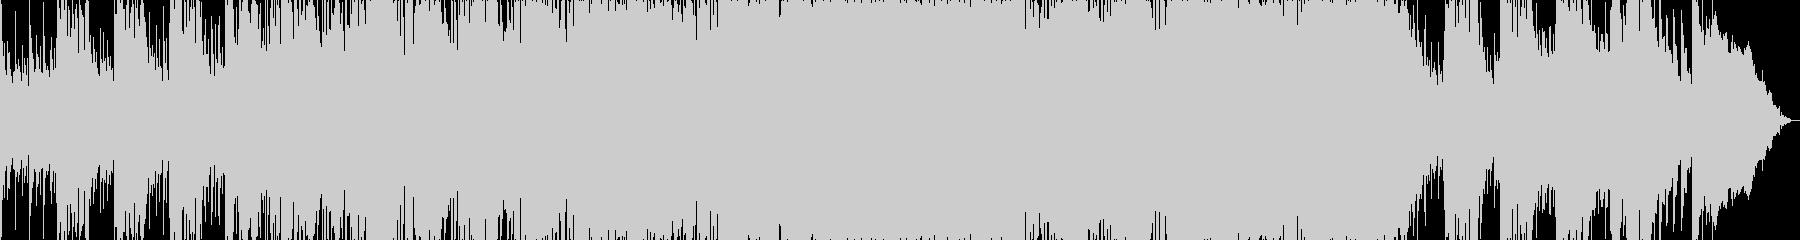 オーケストレーションとアコースティ...の未再生の波形